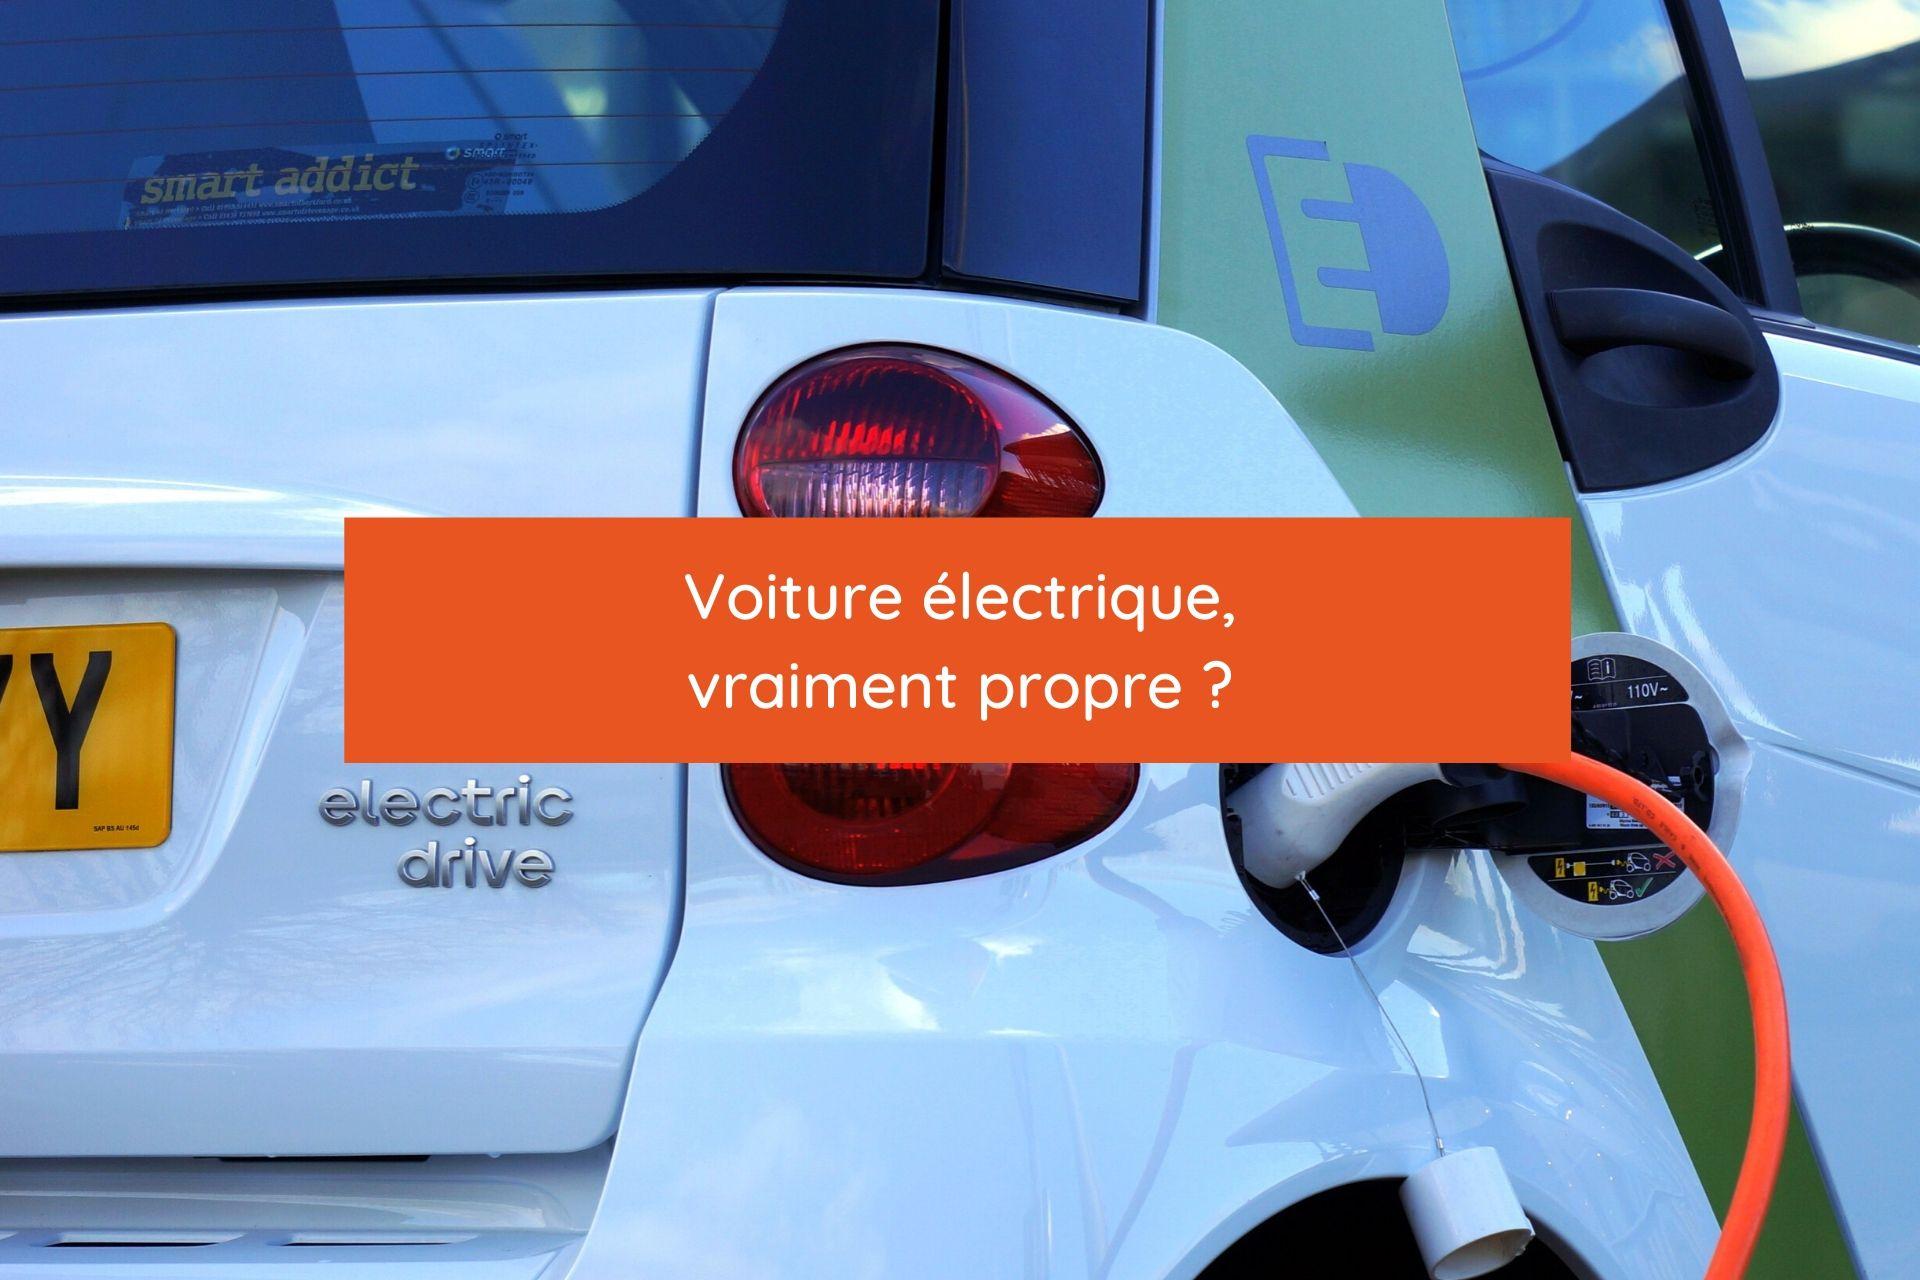 La voiture électrique, vraiment propre ?